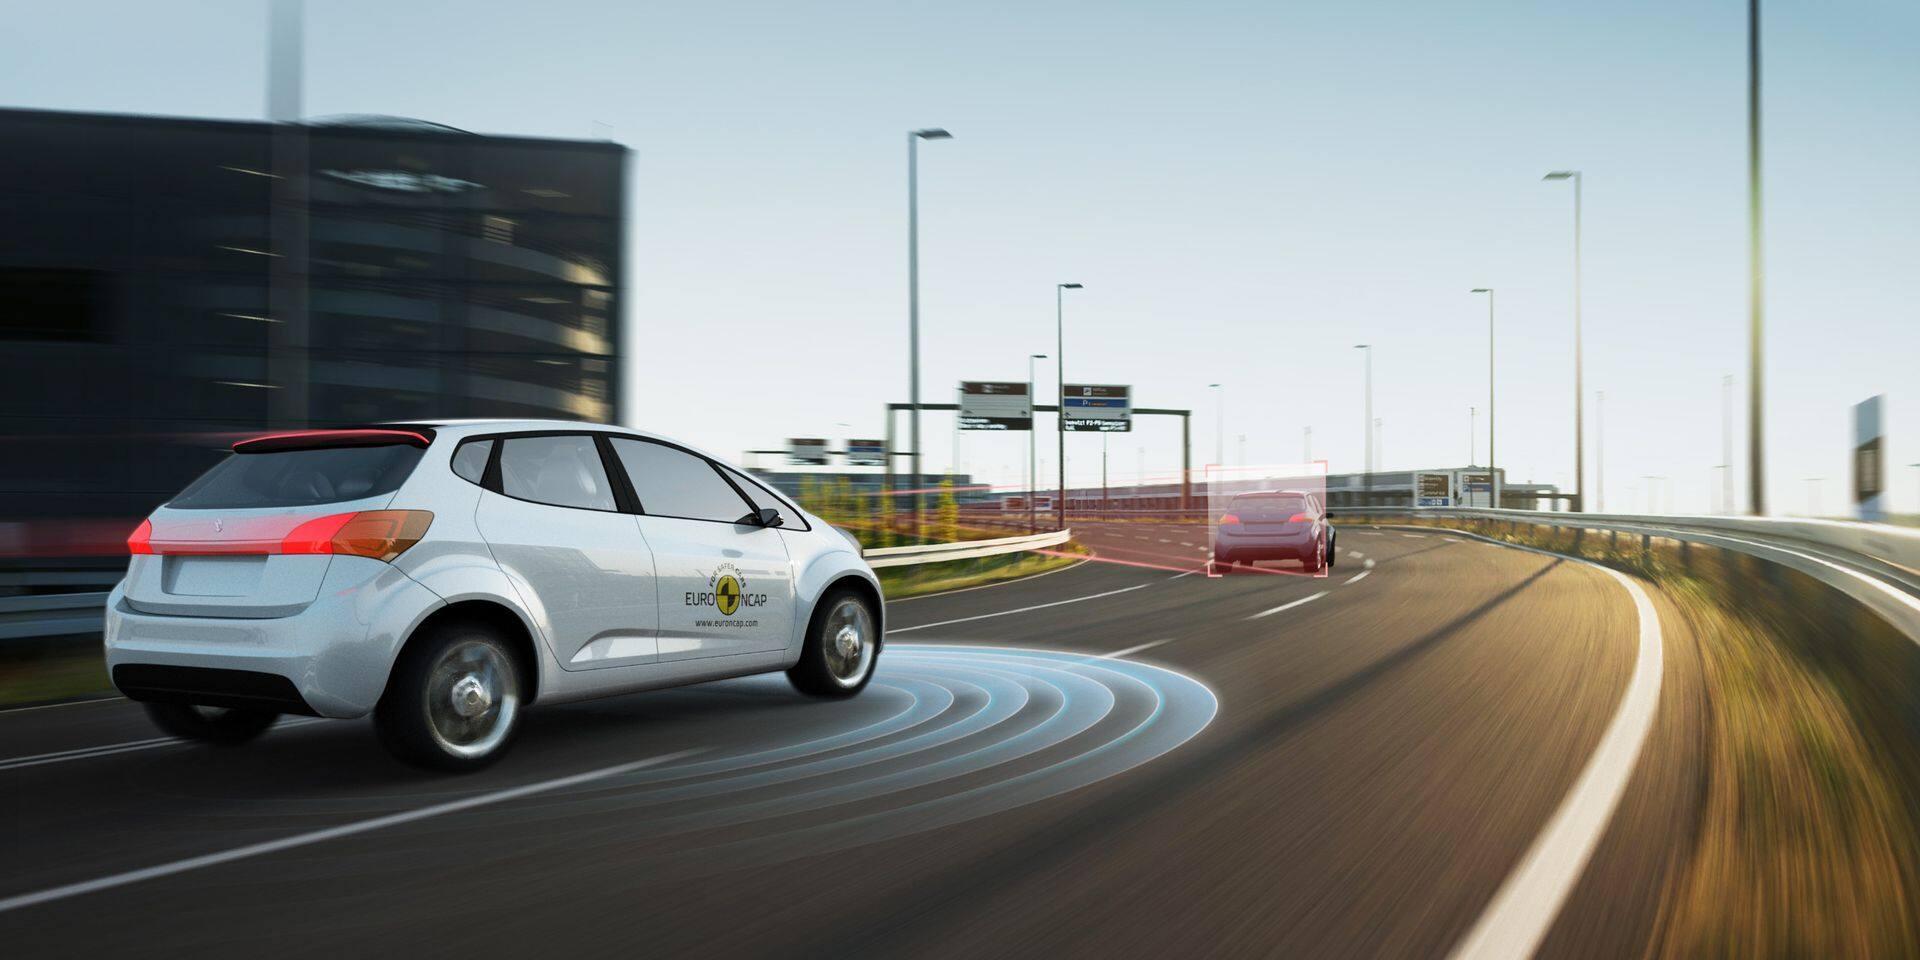 Automobile: les systèmes d'aide à la conduite s'améliorent